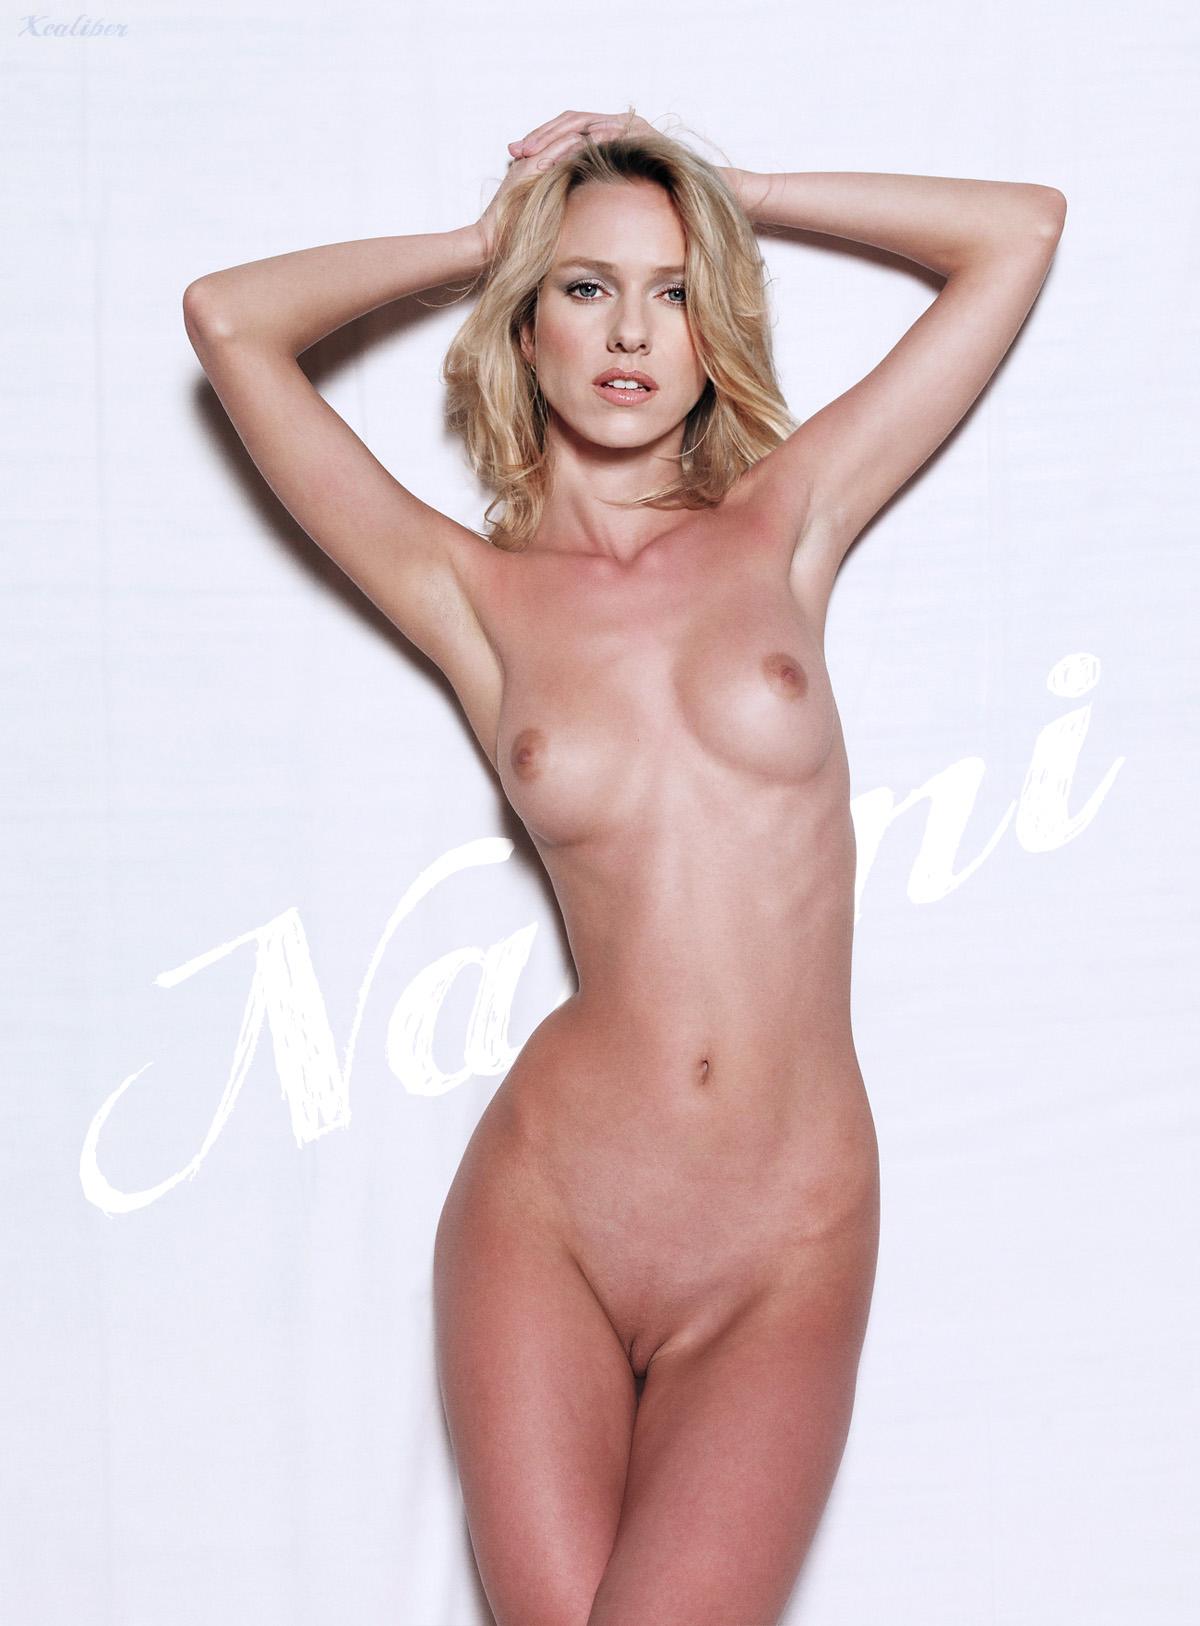 Naomi Watts Nude No Fakes